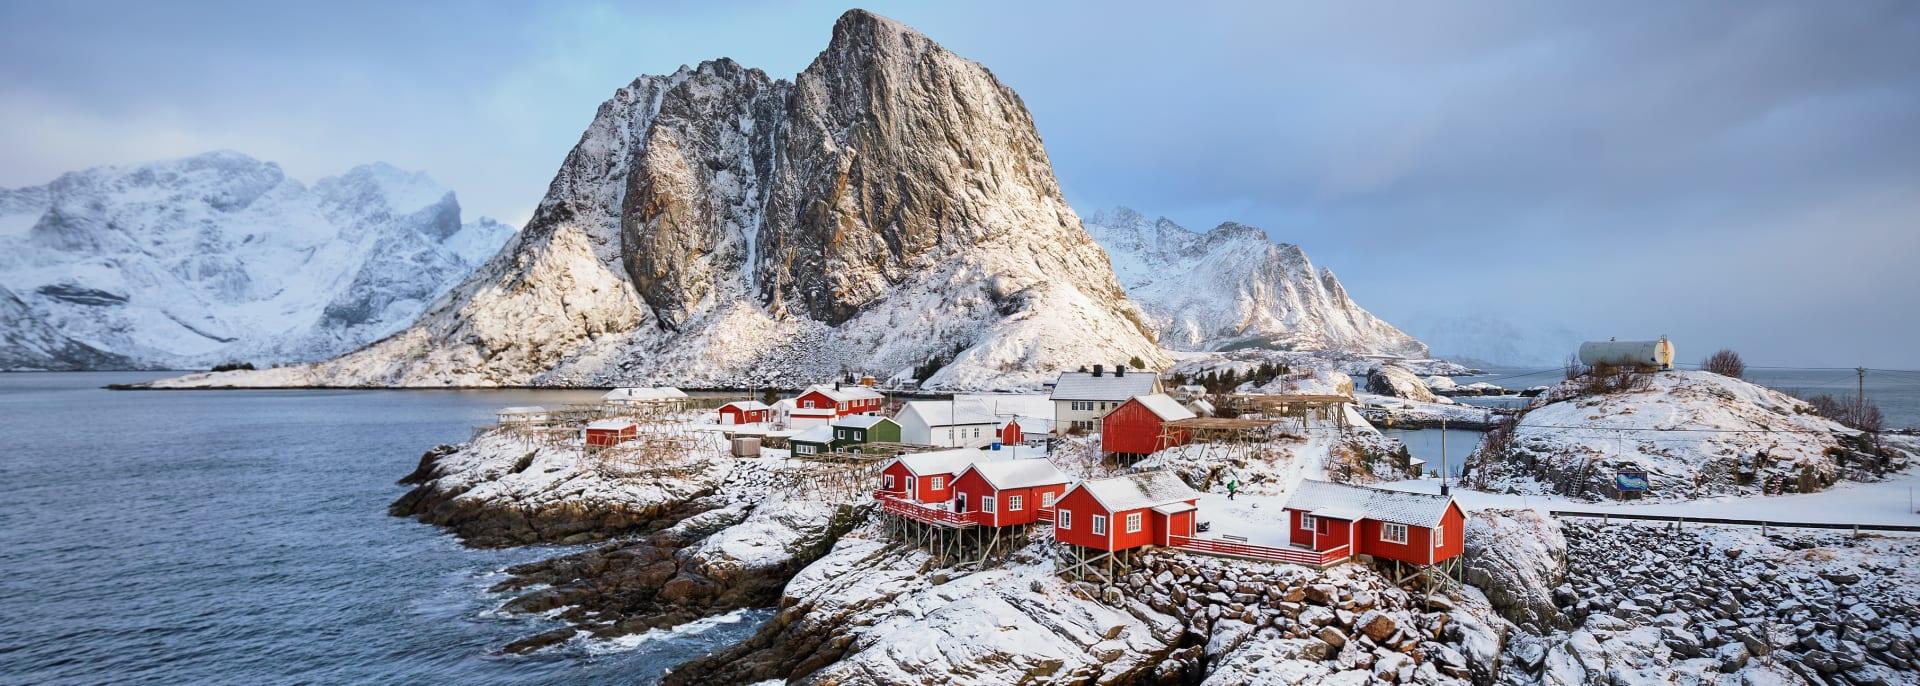 Lofoten & Vesterålen, Norwegen